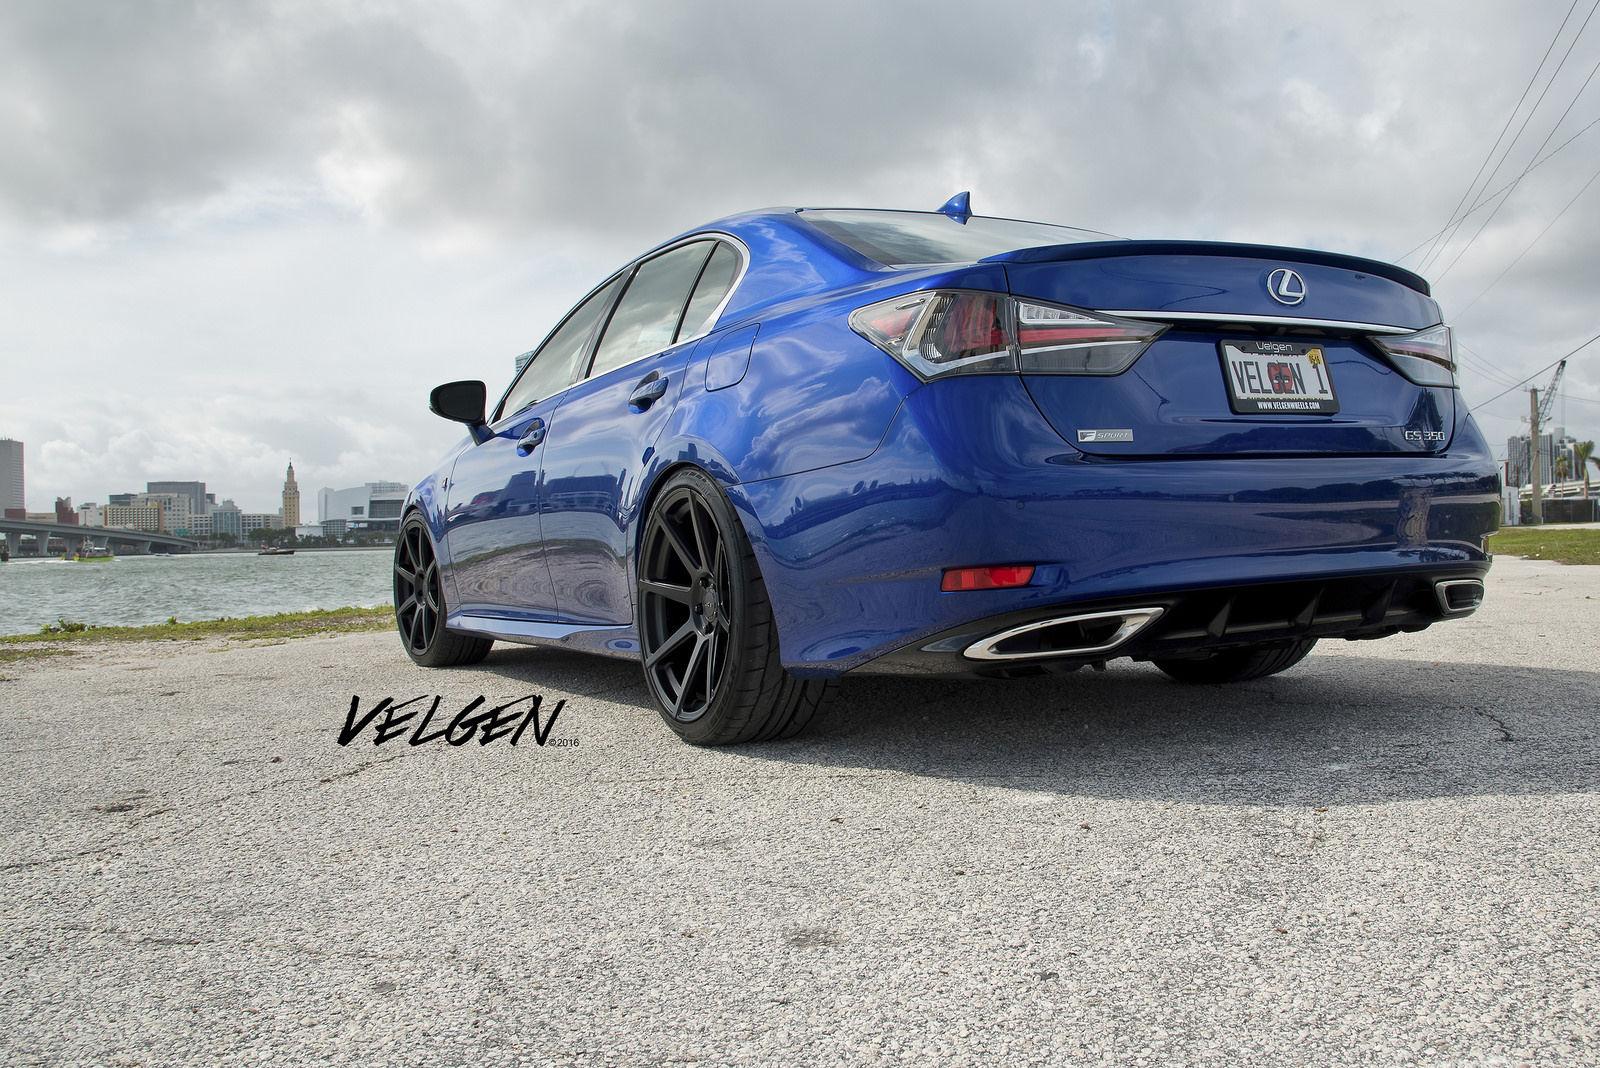 2016 Lexus GS 350 | 2016 Lexus GS350 FSport on Velgen Wheels VMB8